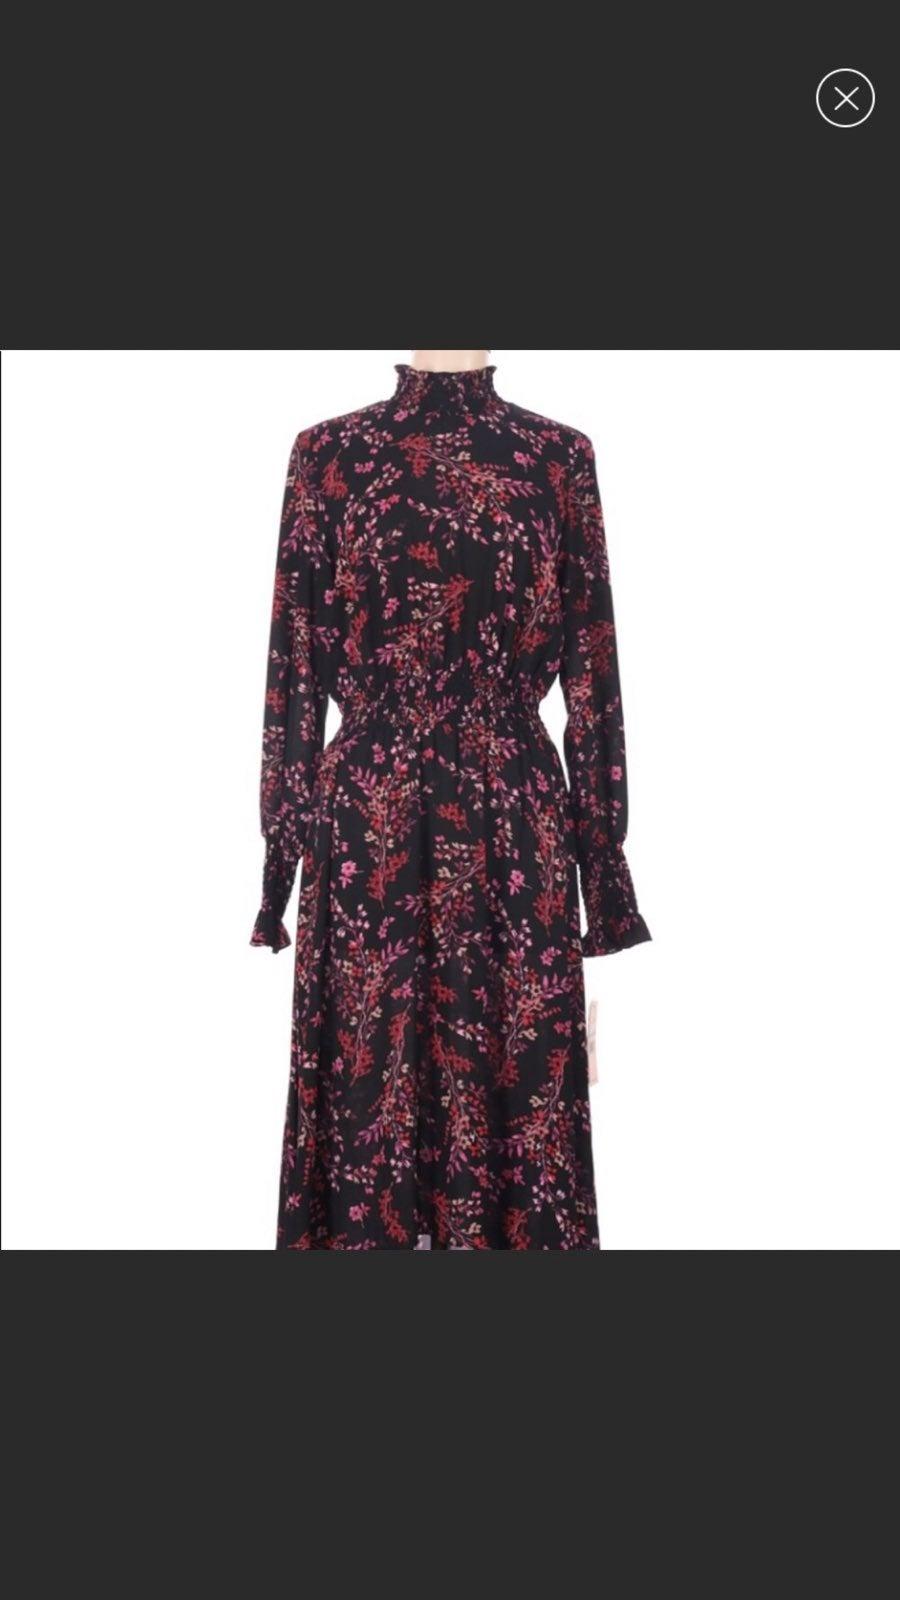 Nanette Lepore dragonfruit floral dress